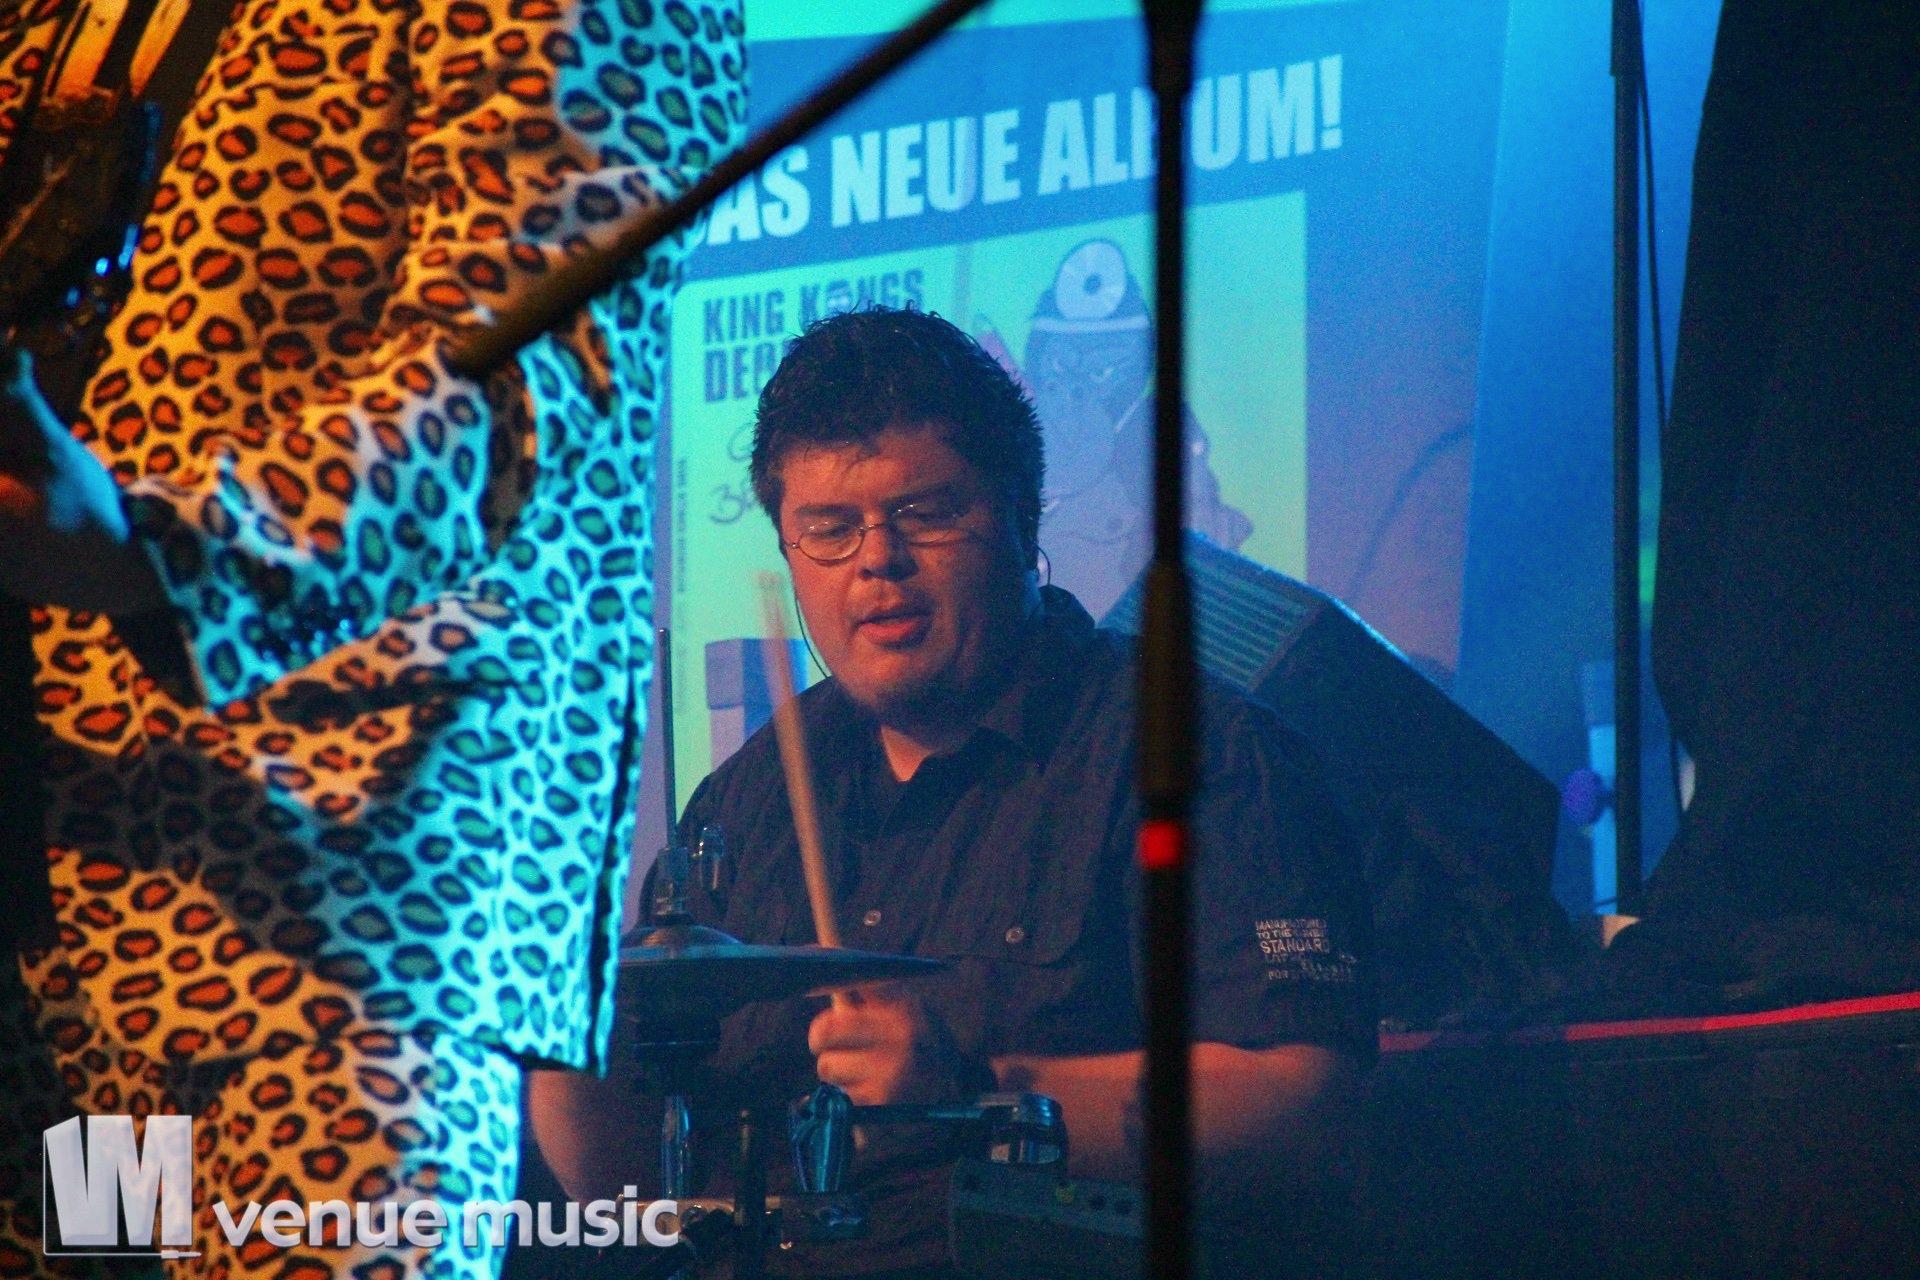 King Kongs Deoroller @Alte Seilerei, Mannheim